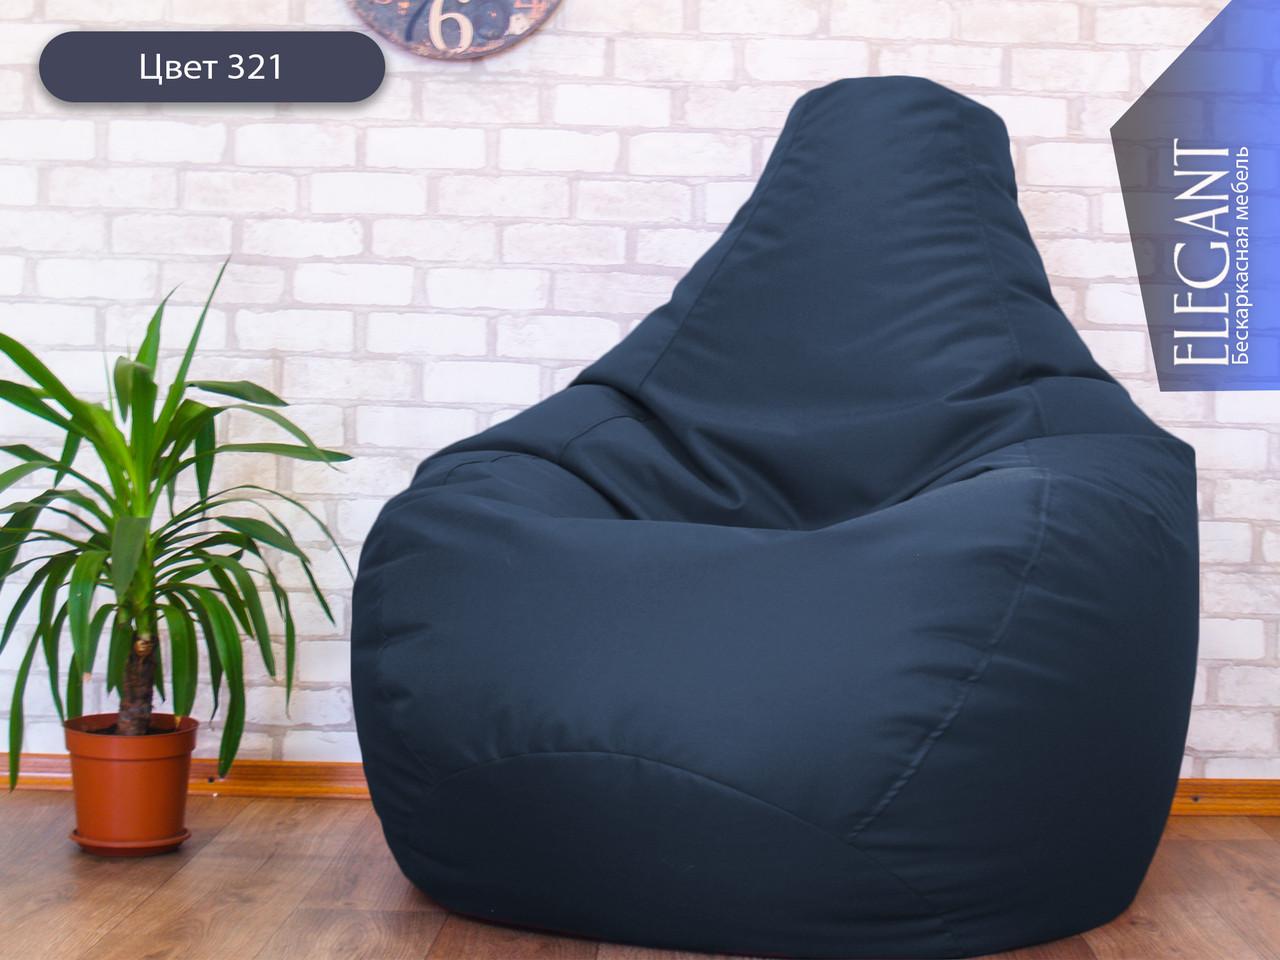 Кресло мешок, бескаркасное кресло Груша ХЛ, зеленое ХХL130*90 см, серый 321